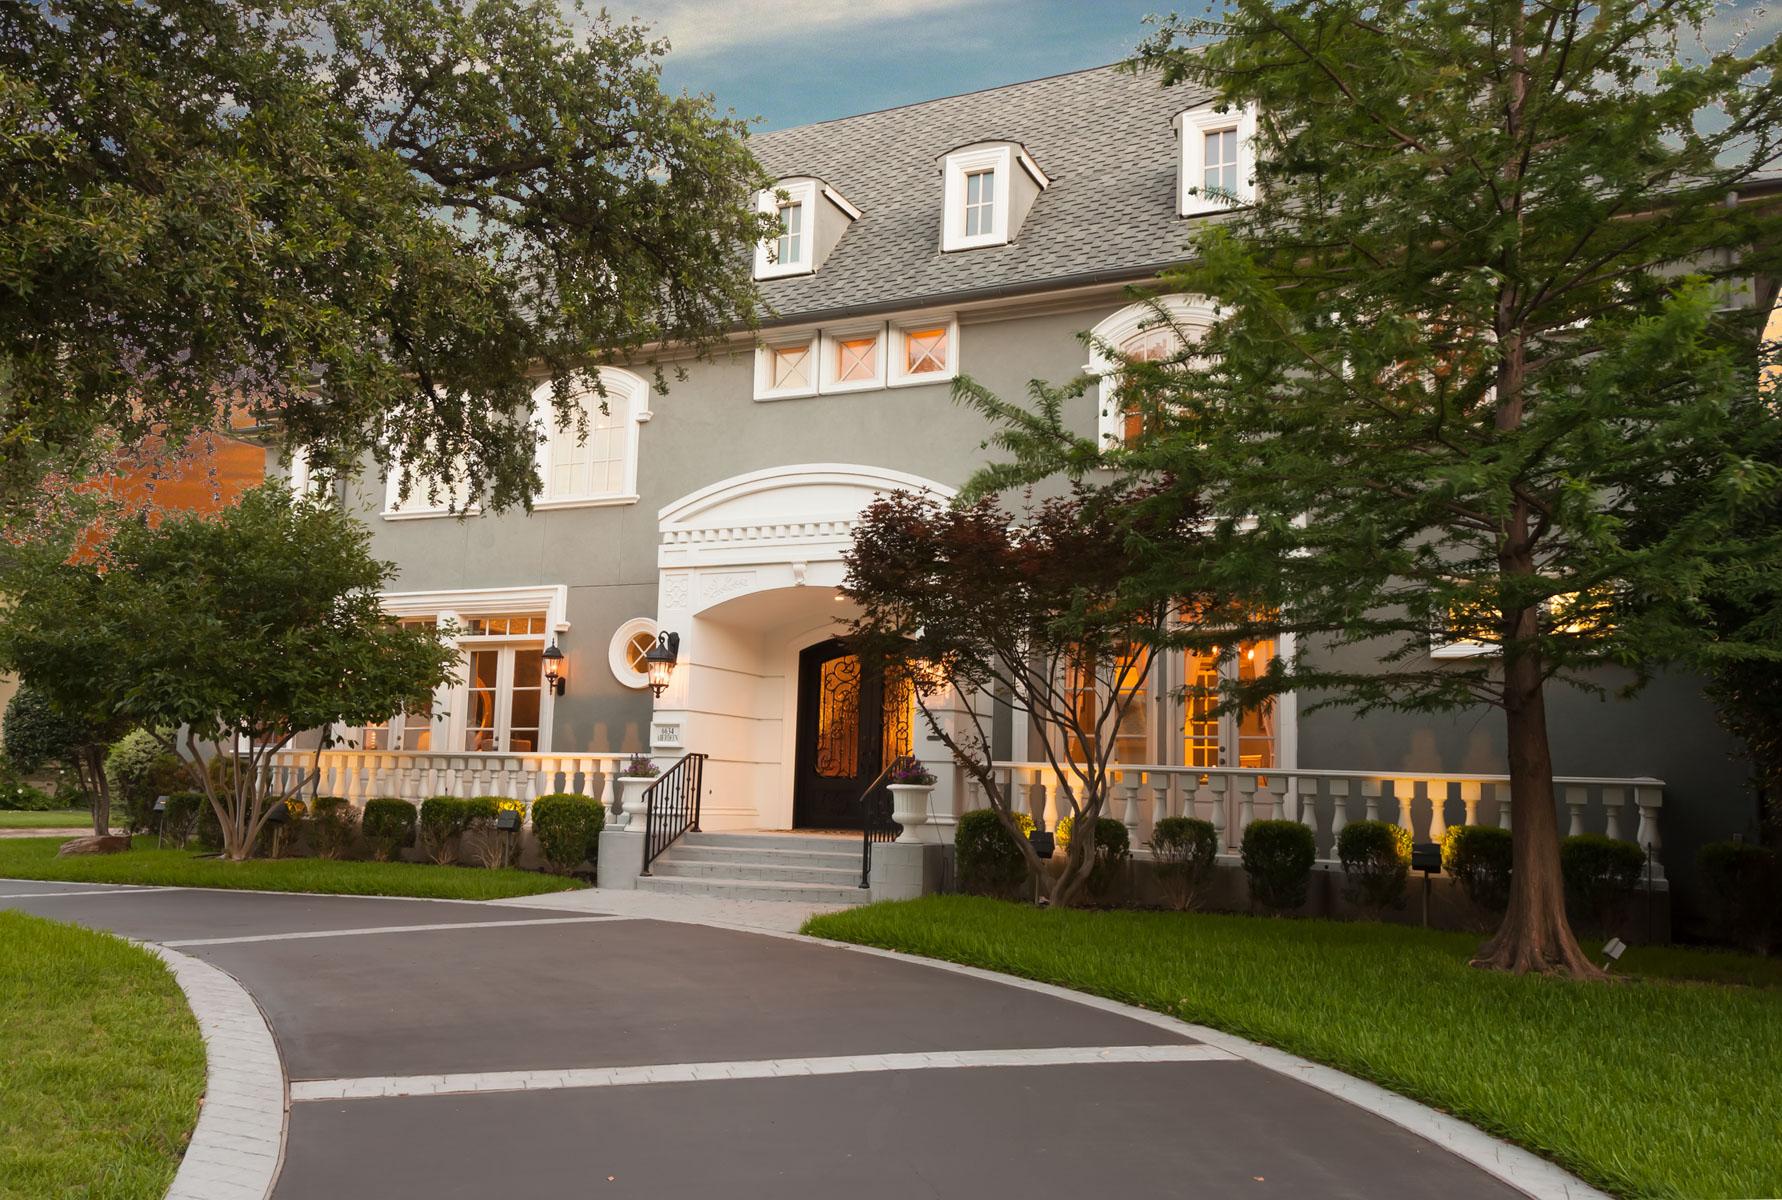 Casa para uma família para Venda às Spectacular Home in the Heart of Preston Hollow 6634 Aberdeen Avenue Dallas, Texas, 75230 Estados Unidos